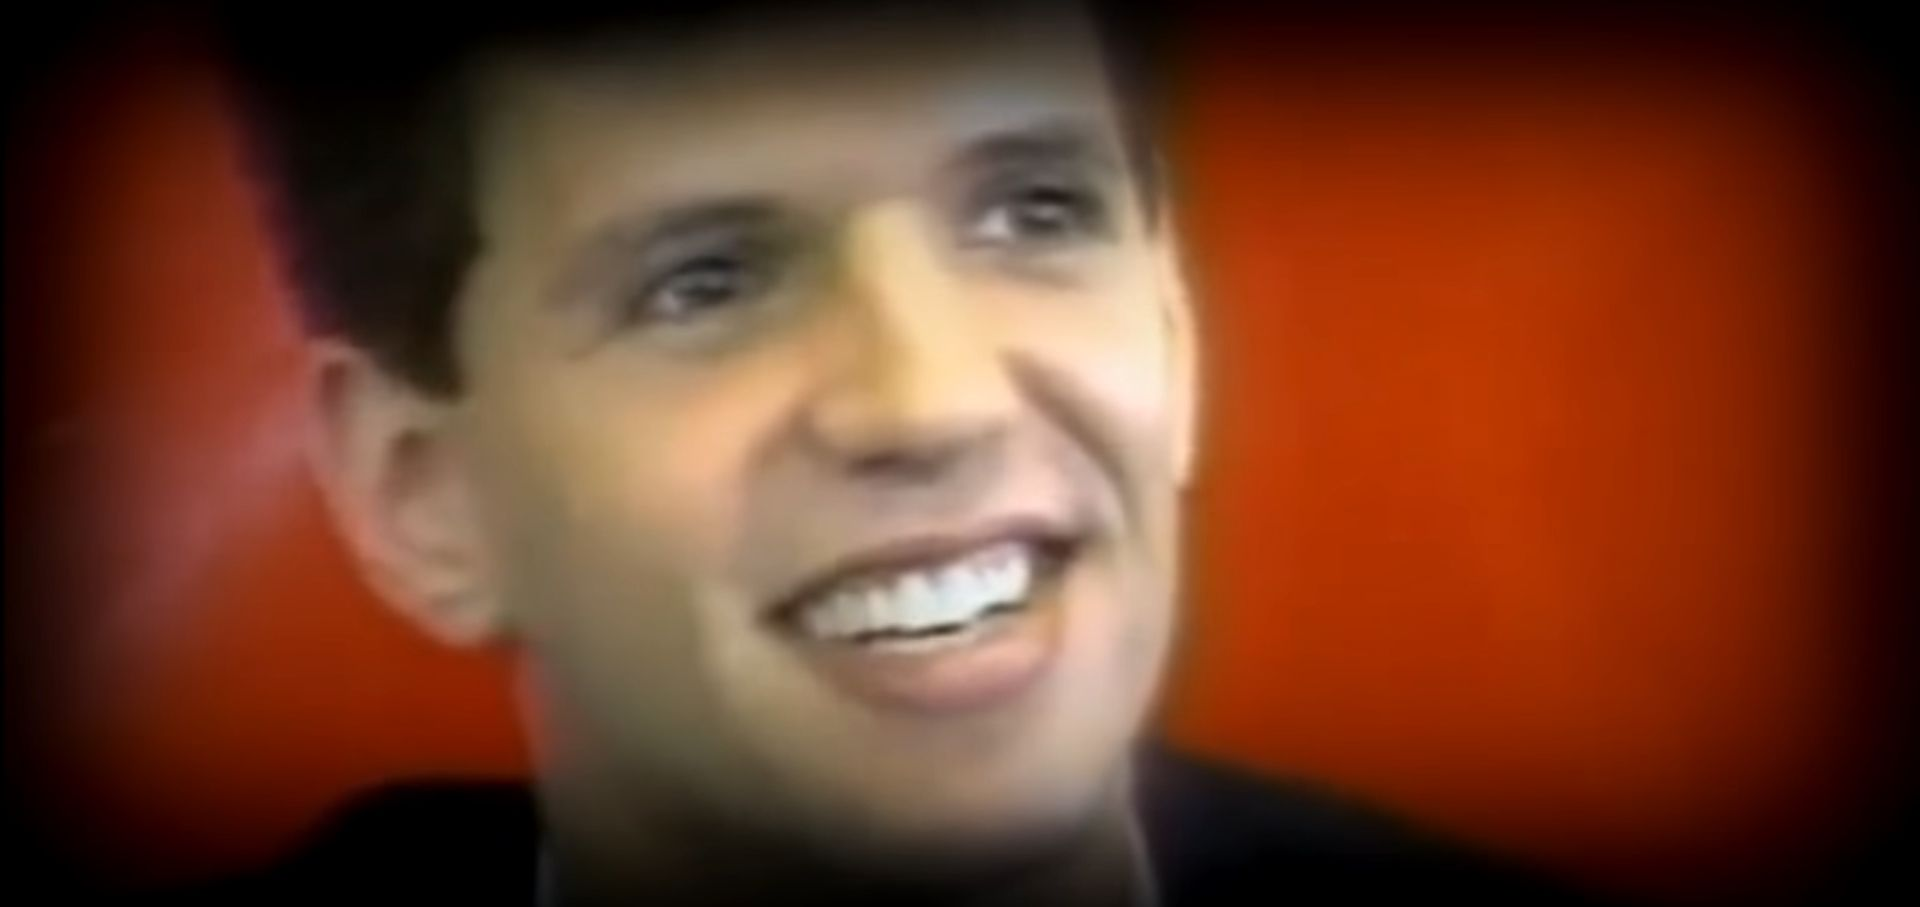 VIDEO: Netsi posvetili noć Draženu Petroviću i prekinuli gubitnički niz